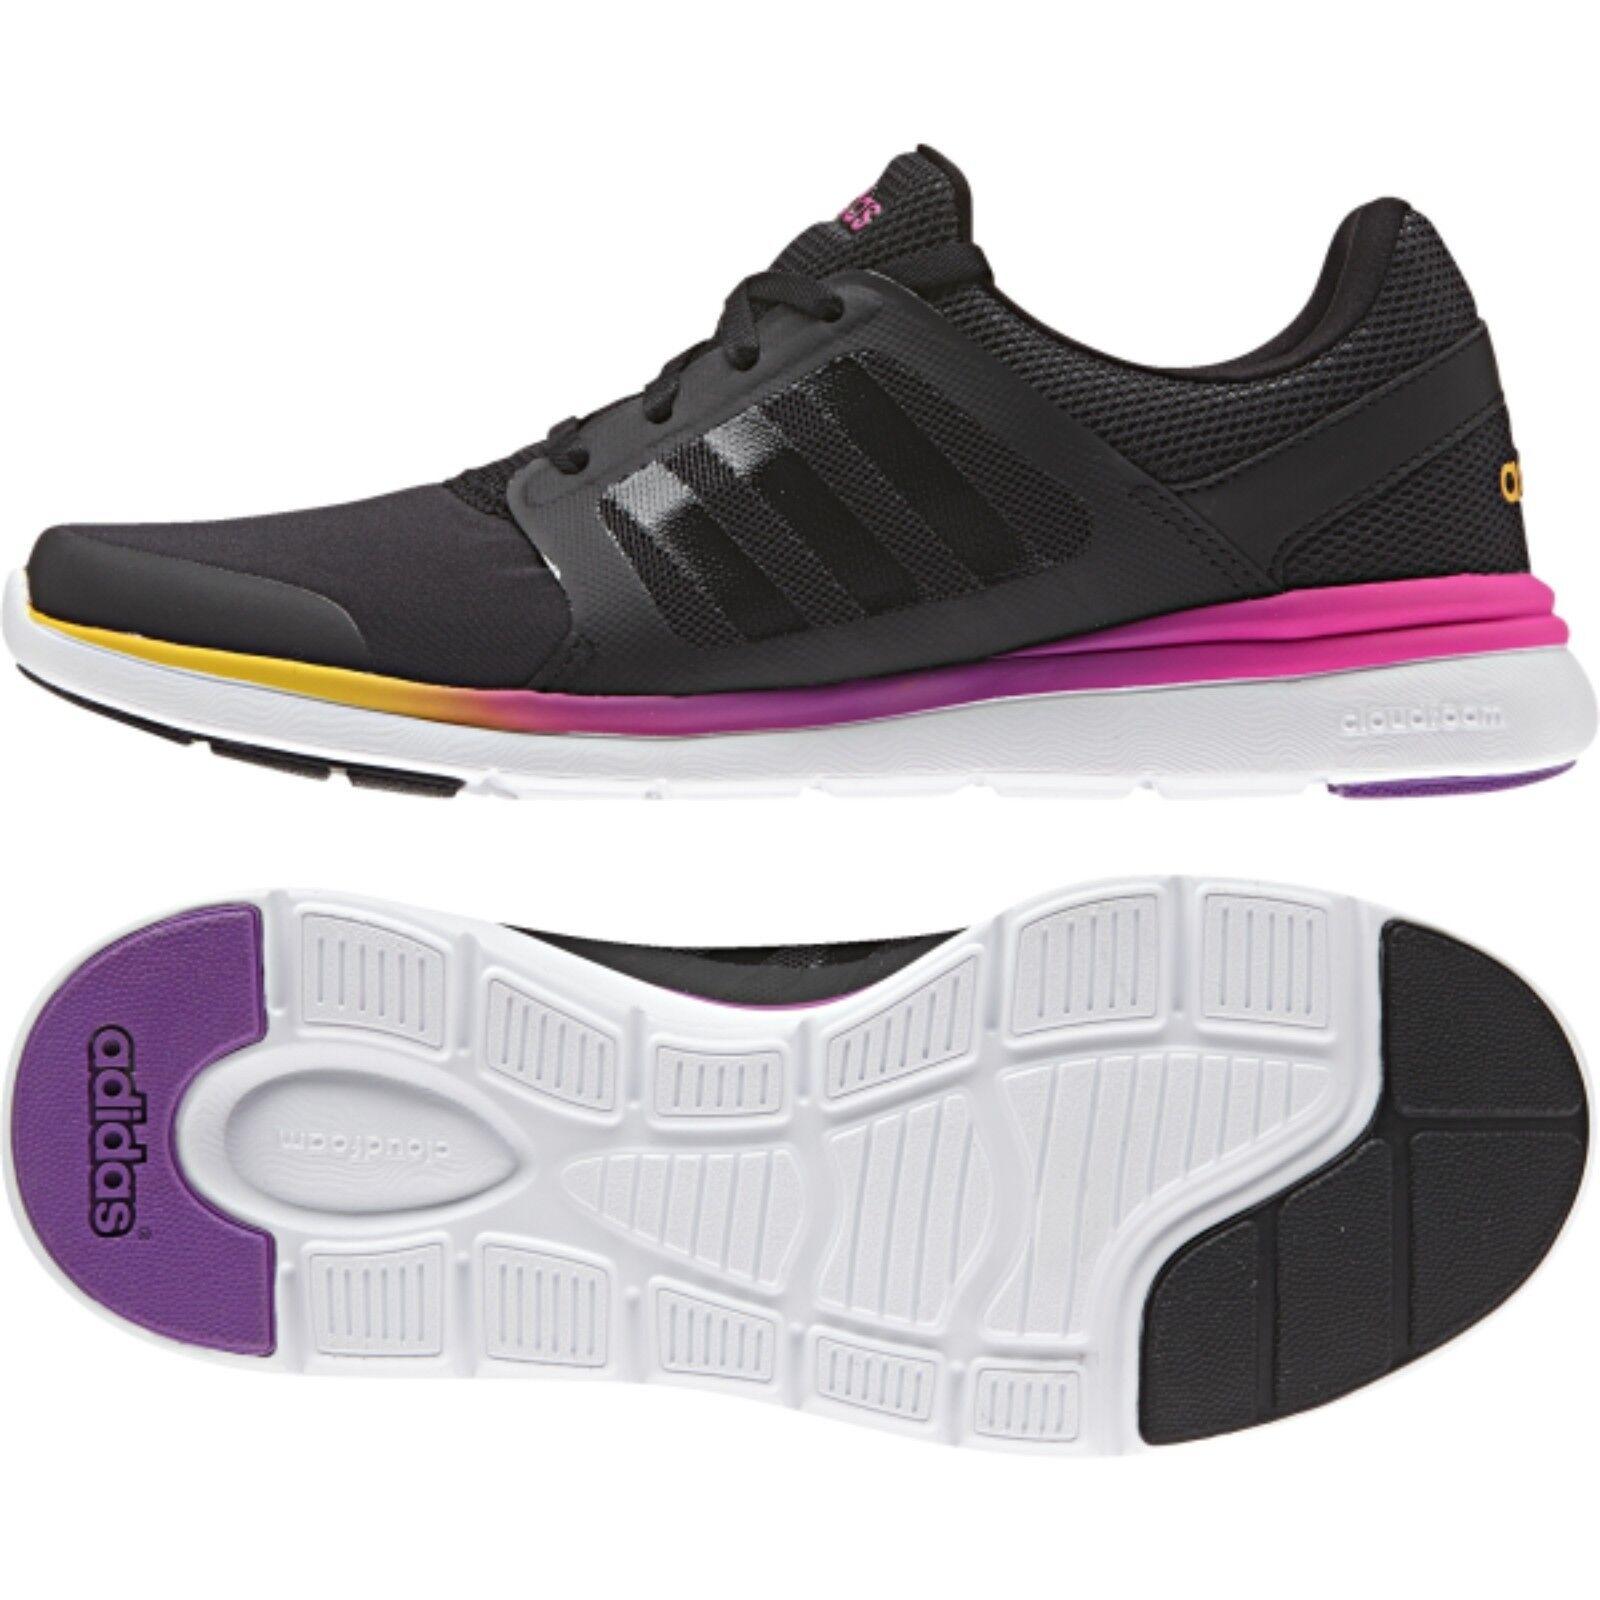 Los últimos zapatos de descuento para hombres y mujeres Adidas cloudfoam xPression W Black aw5015 neo cortos señora calzado deportivo